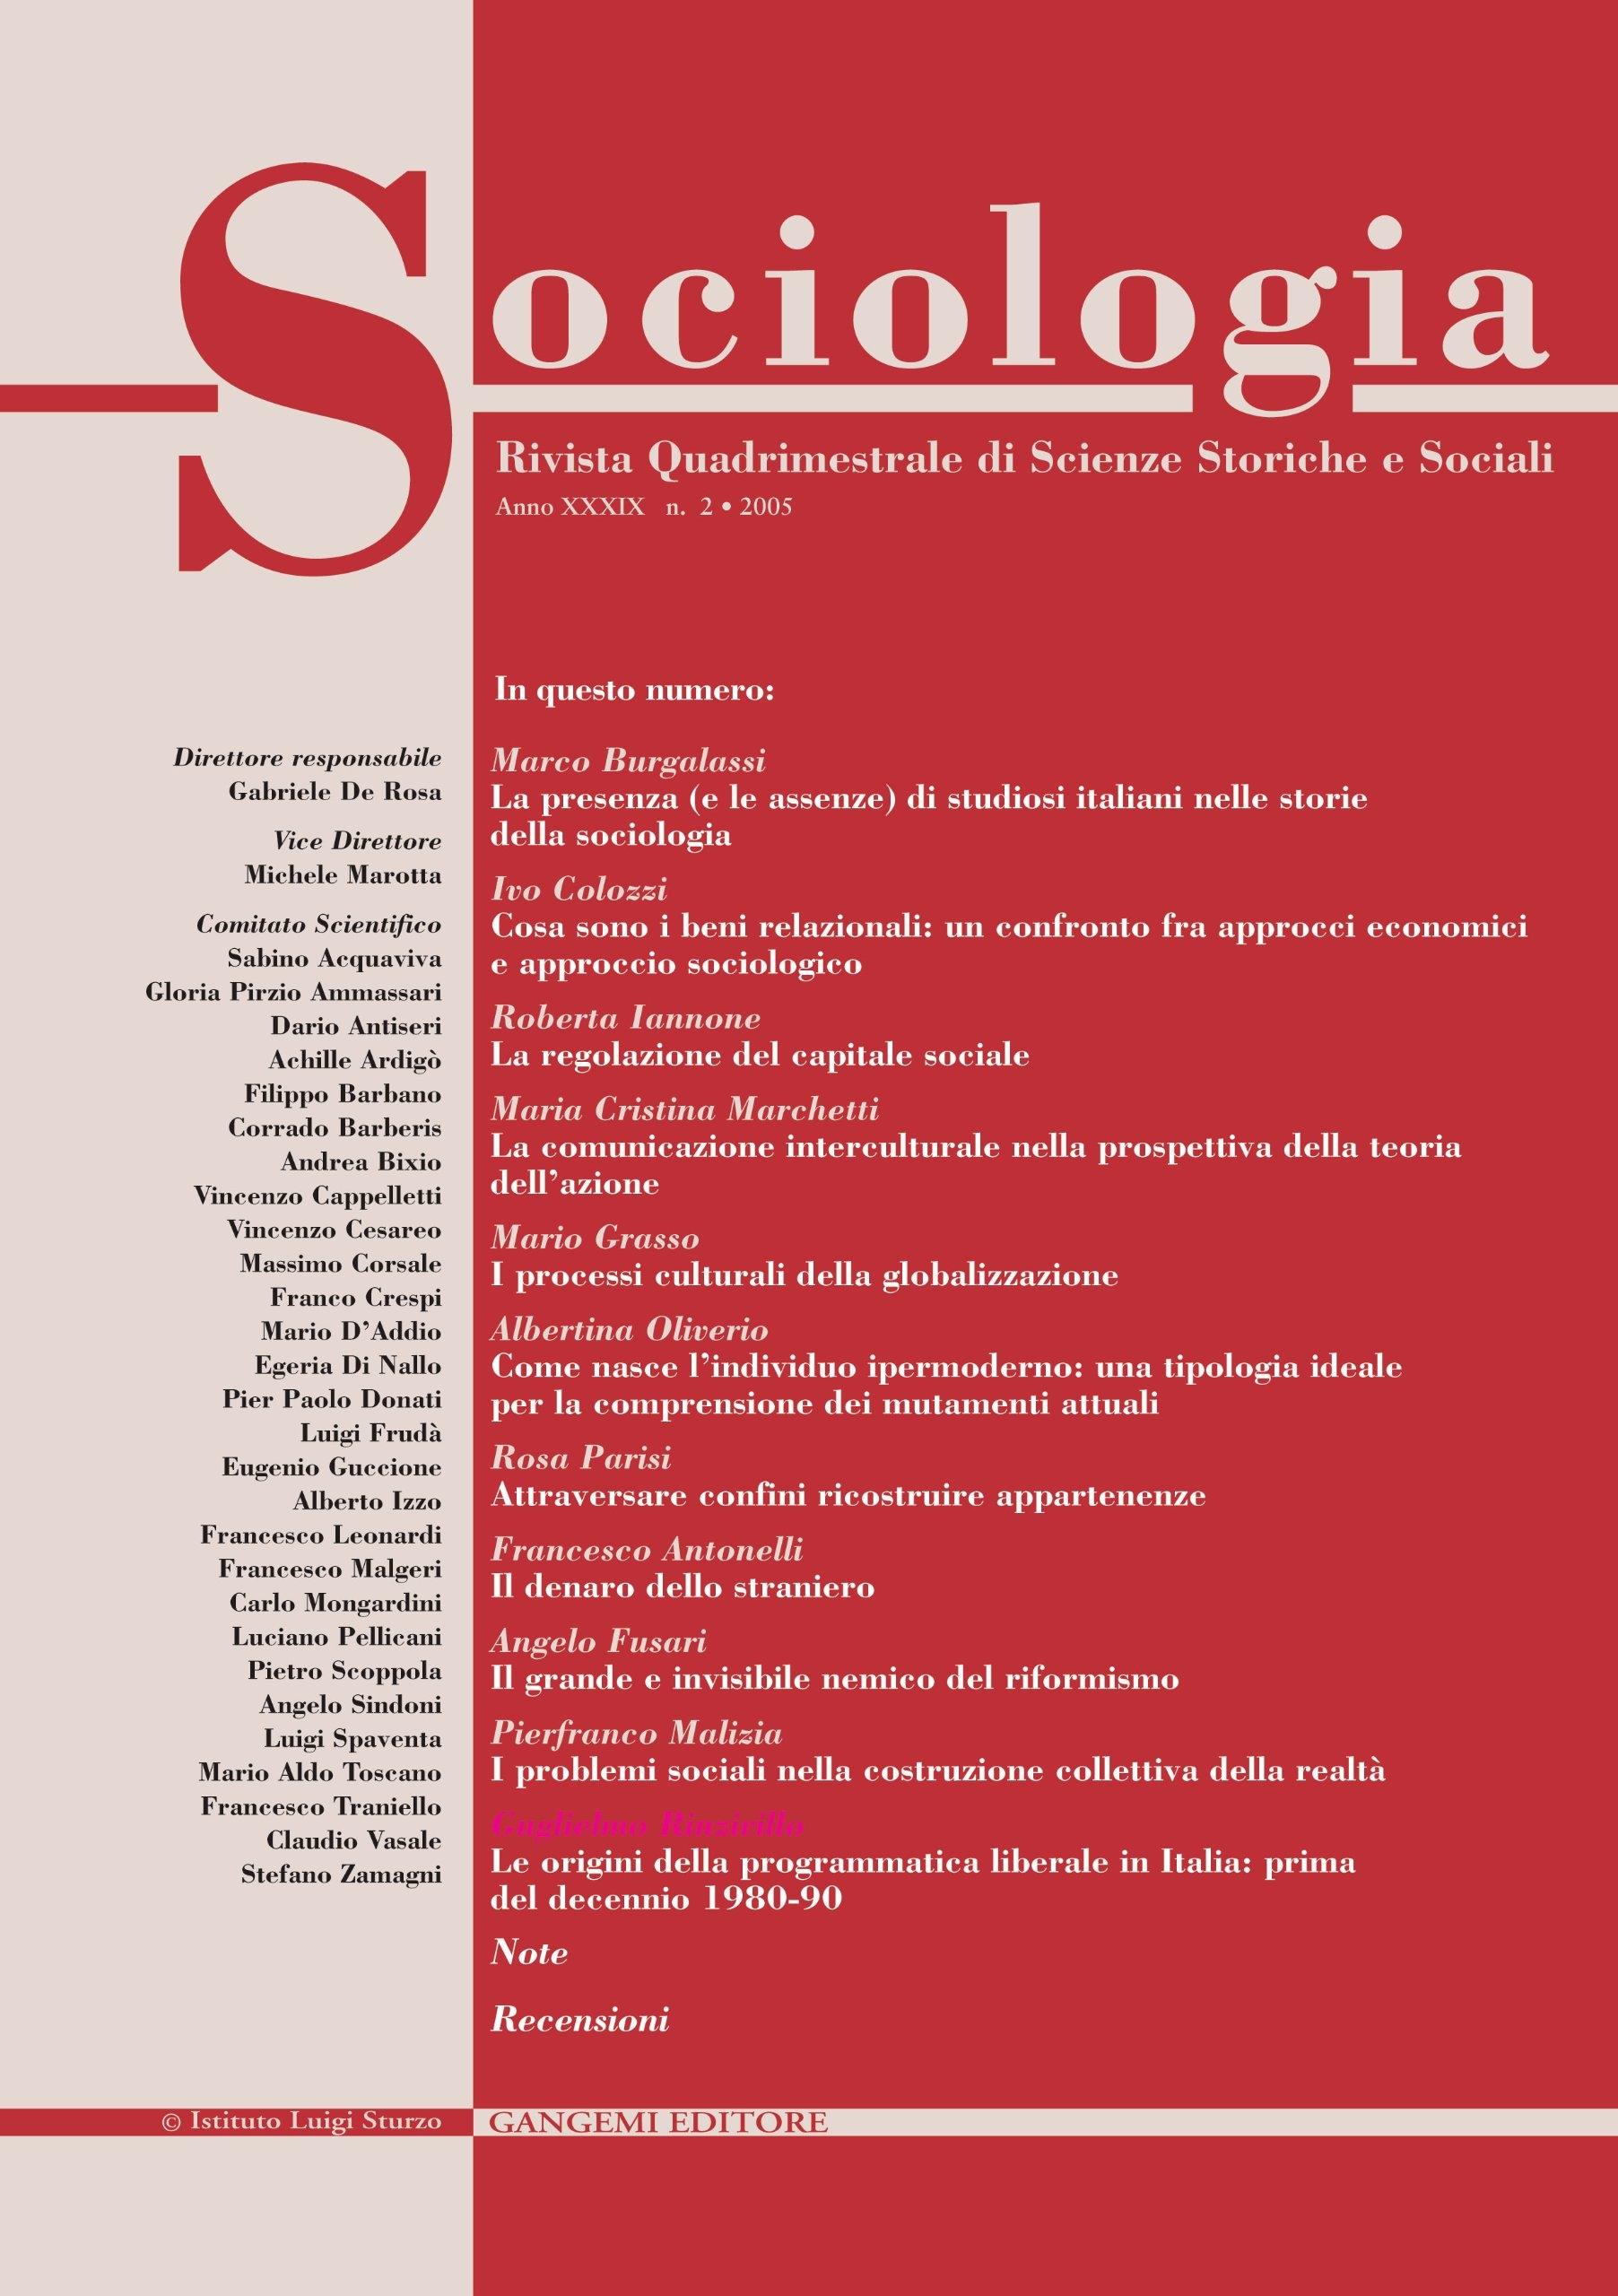 Sociologia n. 2/2005